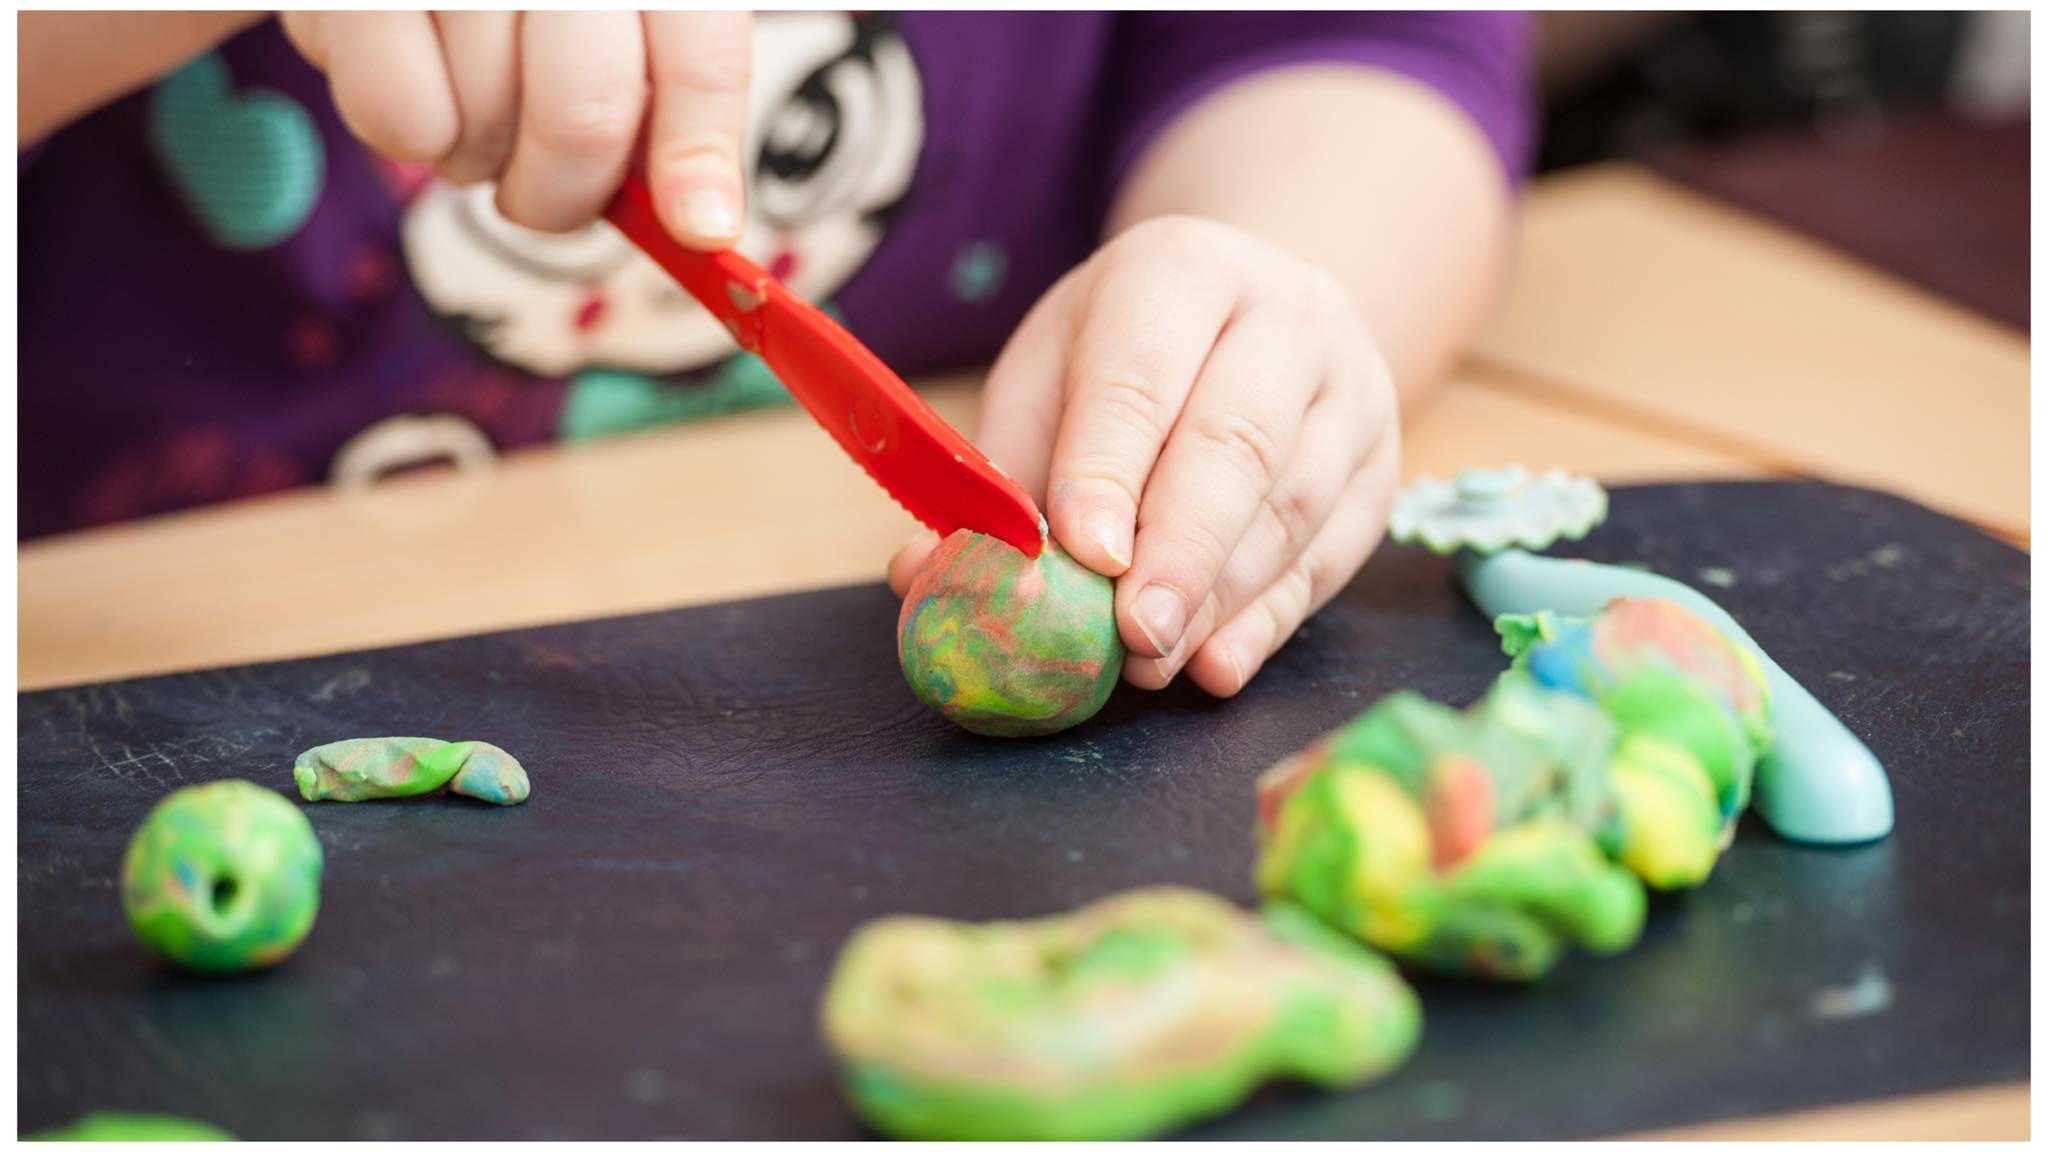 Okul öncesi öğretmenleri için yaratıcılığı destekleyen oyun-sanat etkinlikleri